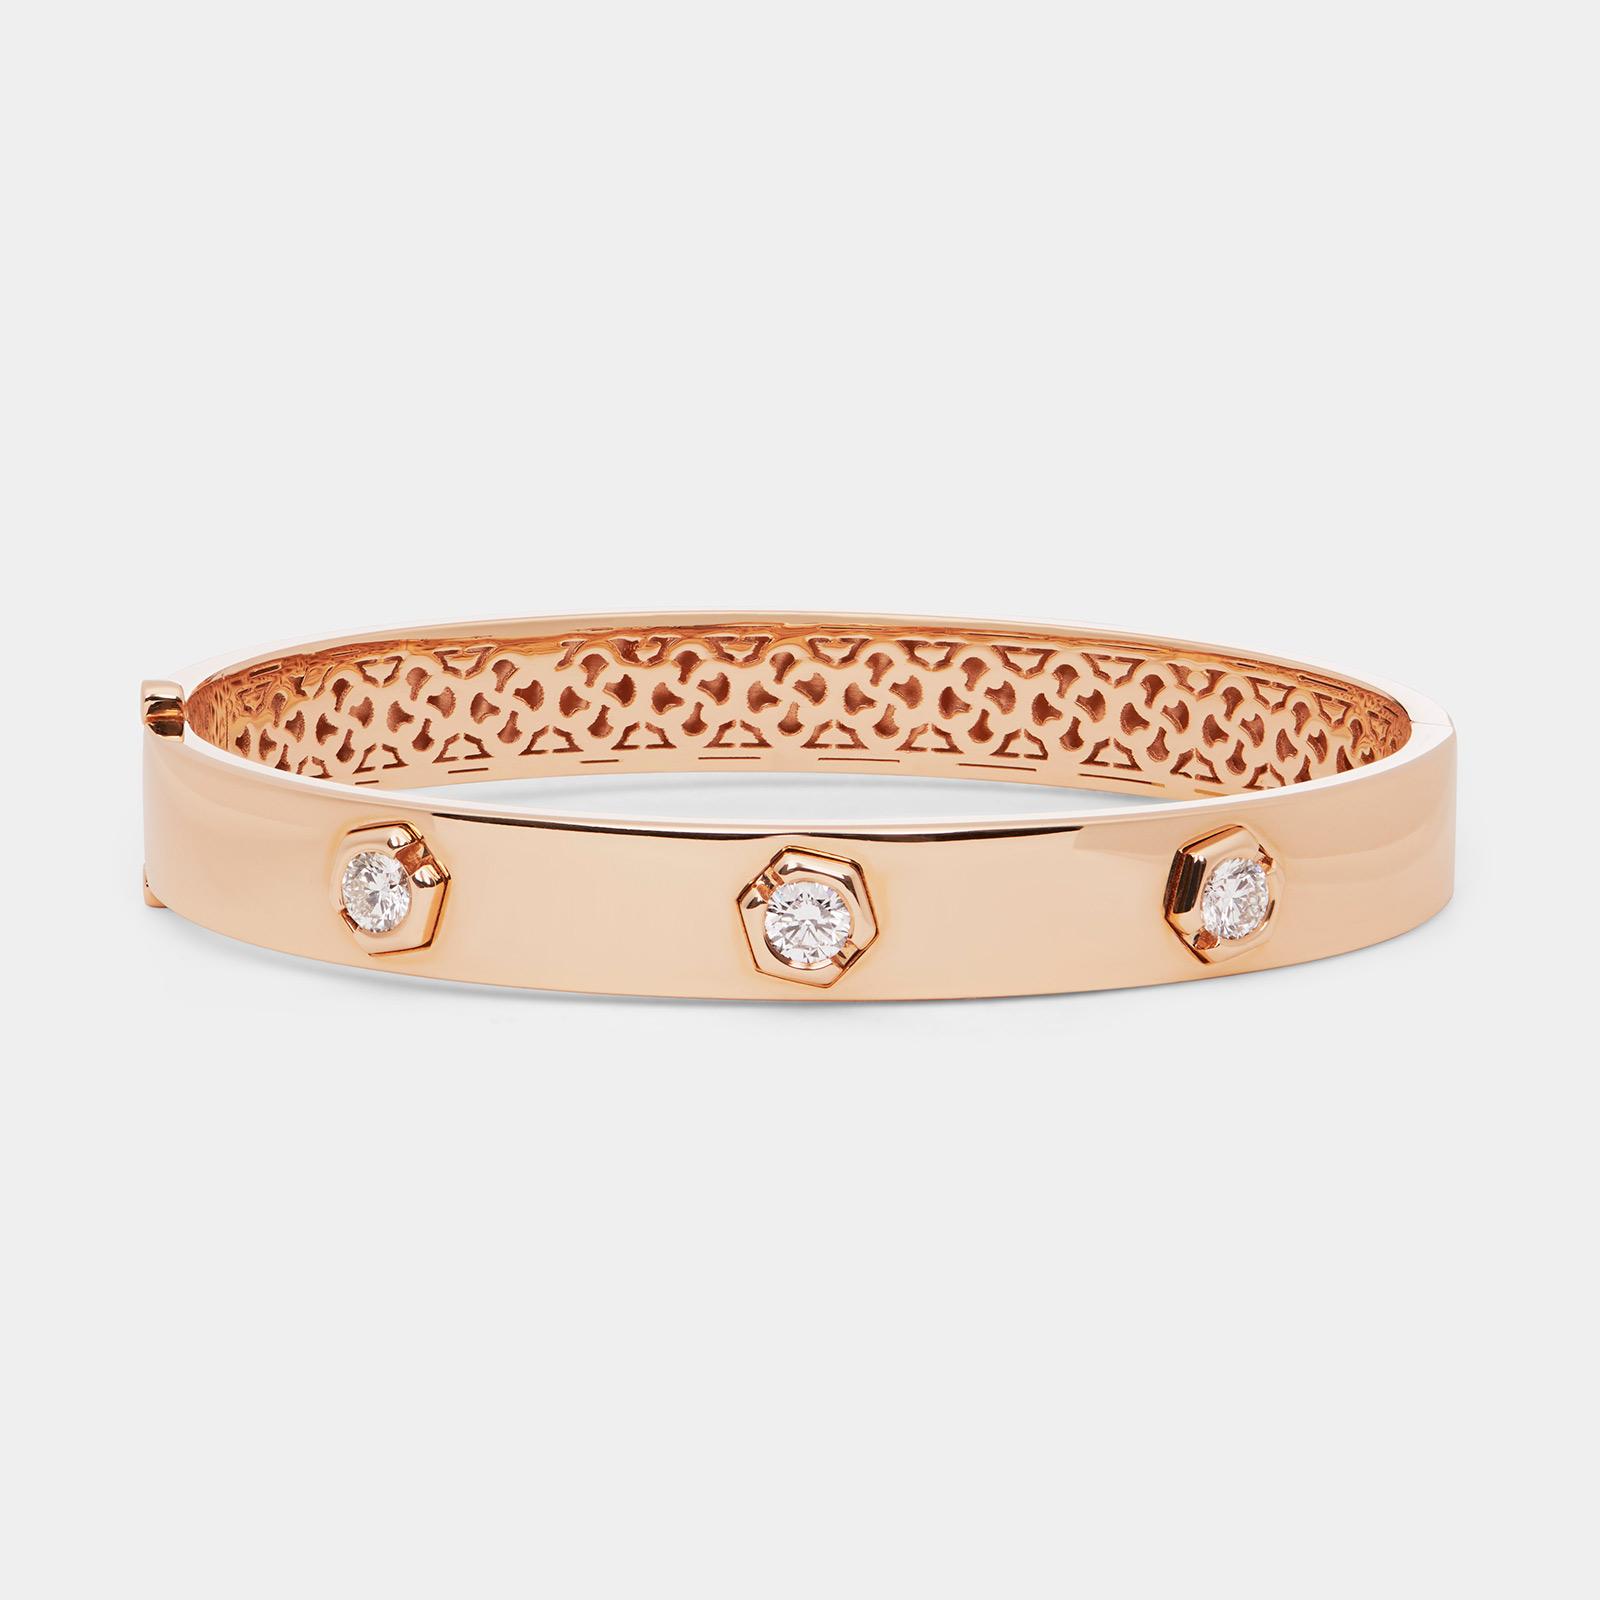 Bracciale manetta rigido in oro rosa e diamanti - Rosanna Cattolico gioielli